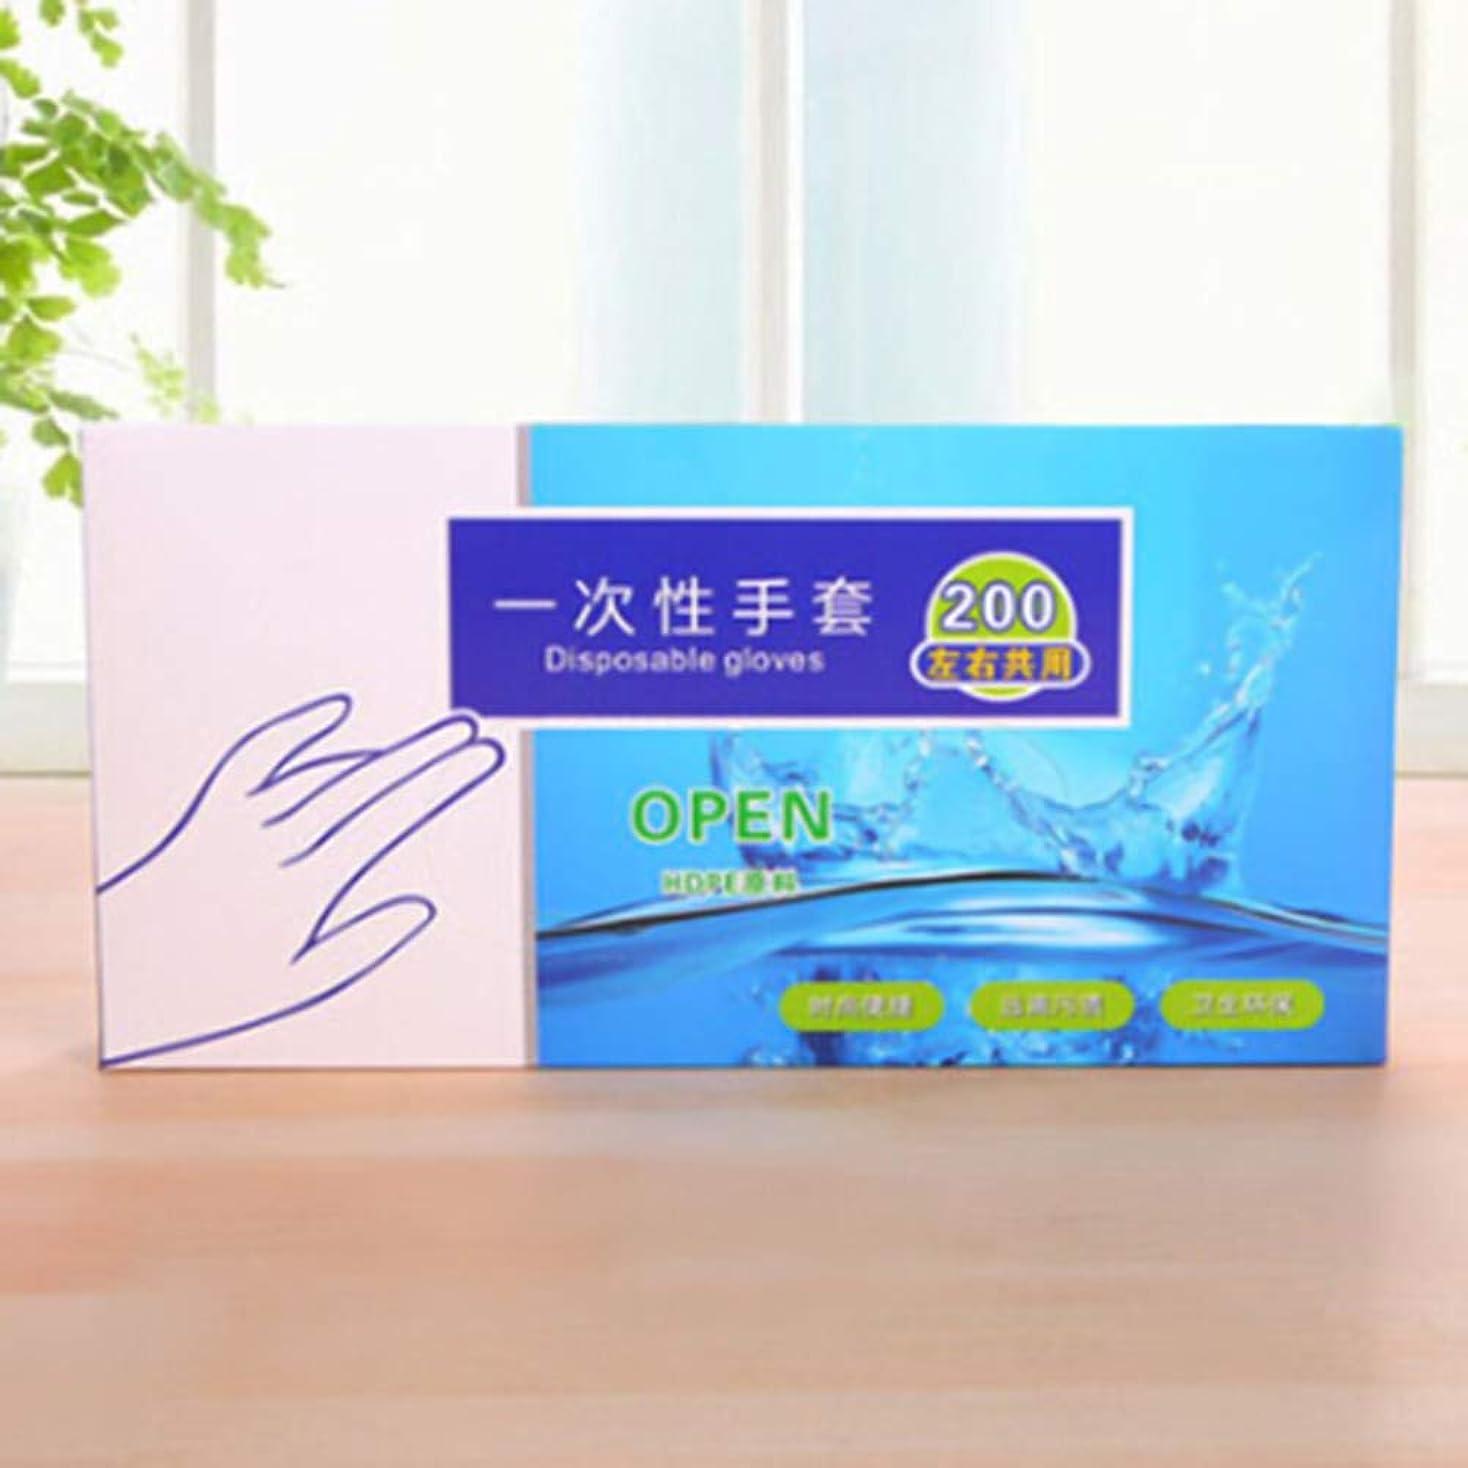 動かない広まったシュリンクSODAOA屋 使い捨て手袋 透明 実用 衛生 プラスチック 調理 お掃除 毛染め 100枚/200枚 (200)